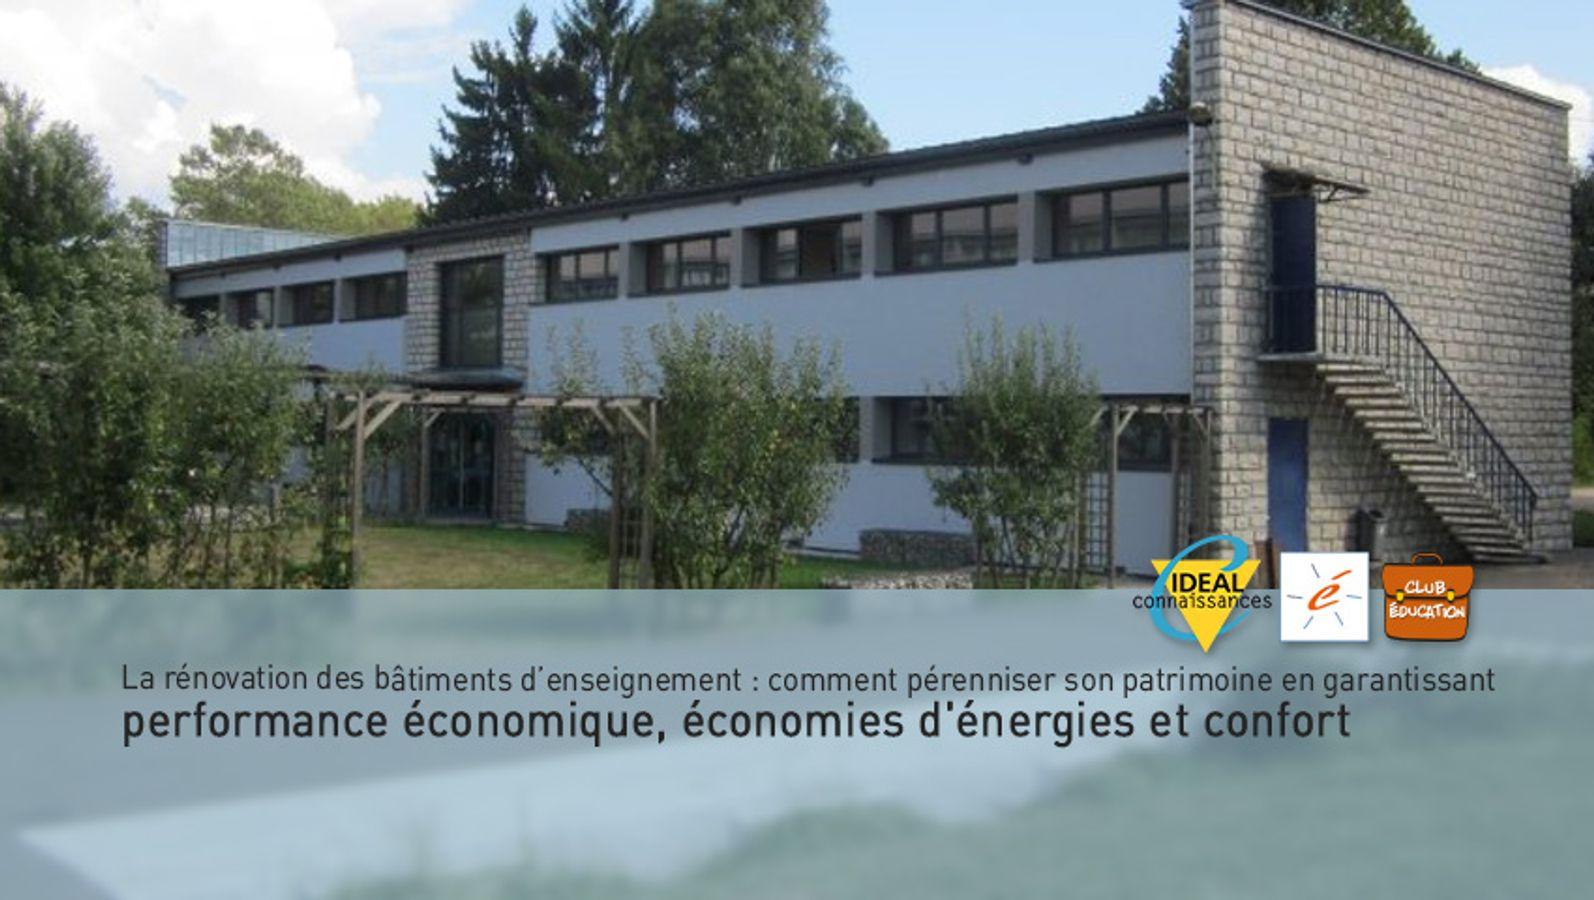 La rénovation des bâtiments d'enseignement : comment pérenniser son patrimoine en garantissant performance économique, économies d'énergies et confort ?